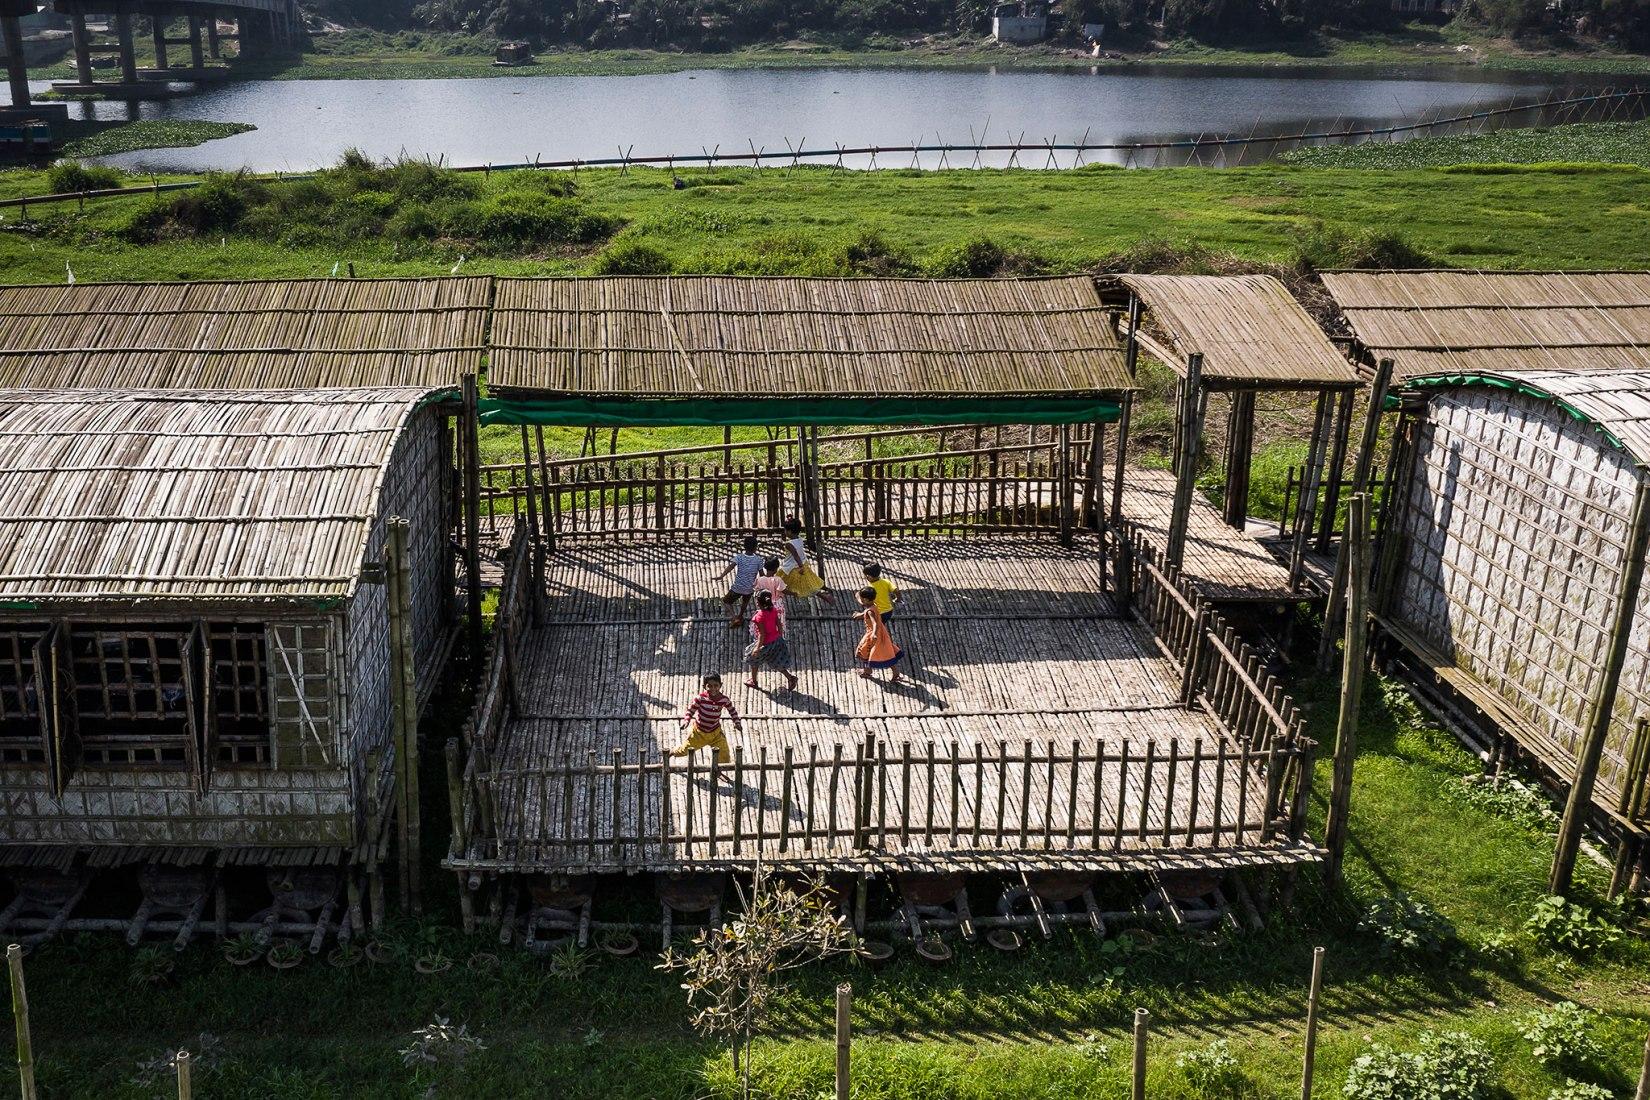 Proyecto Educativo Arcadia, por Saif Ul Haque. Fotografía por © Aga Khan Trust for Culture / Sandro di Carlo Darsa.